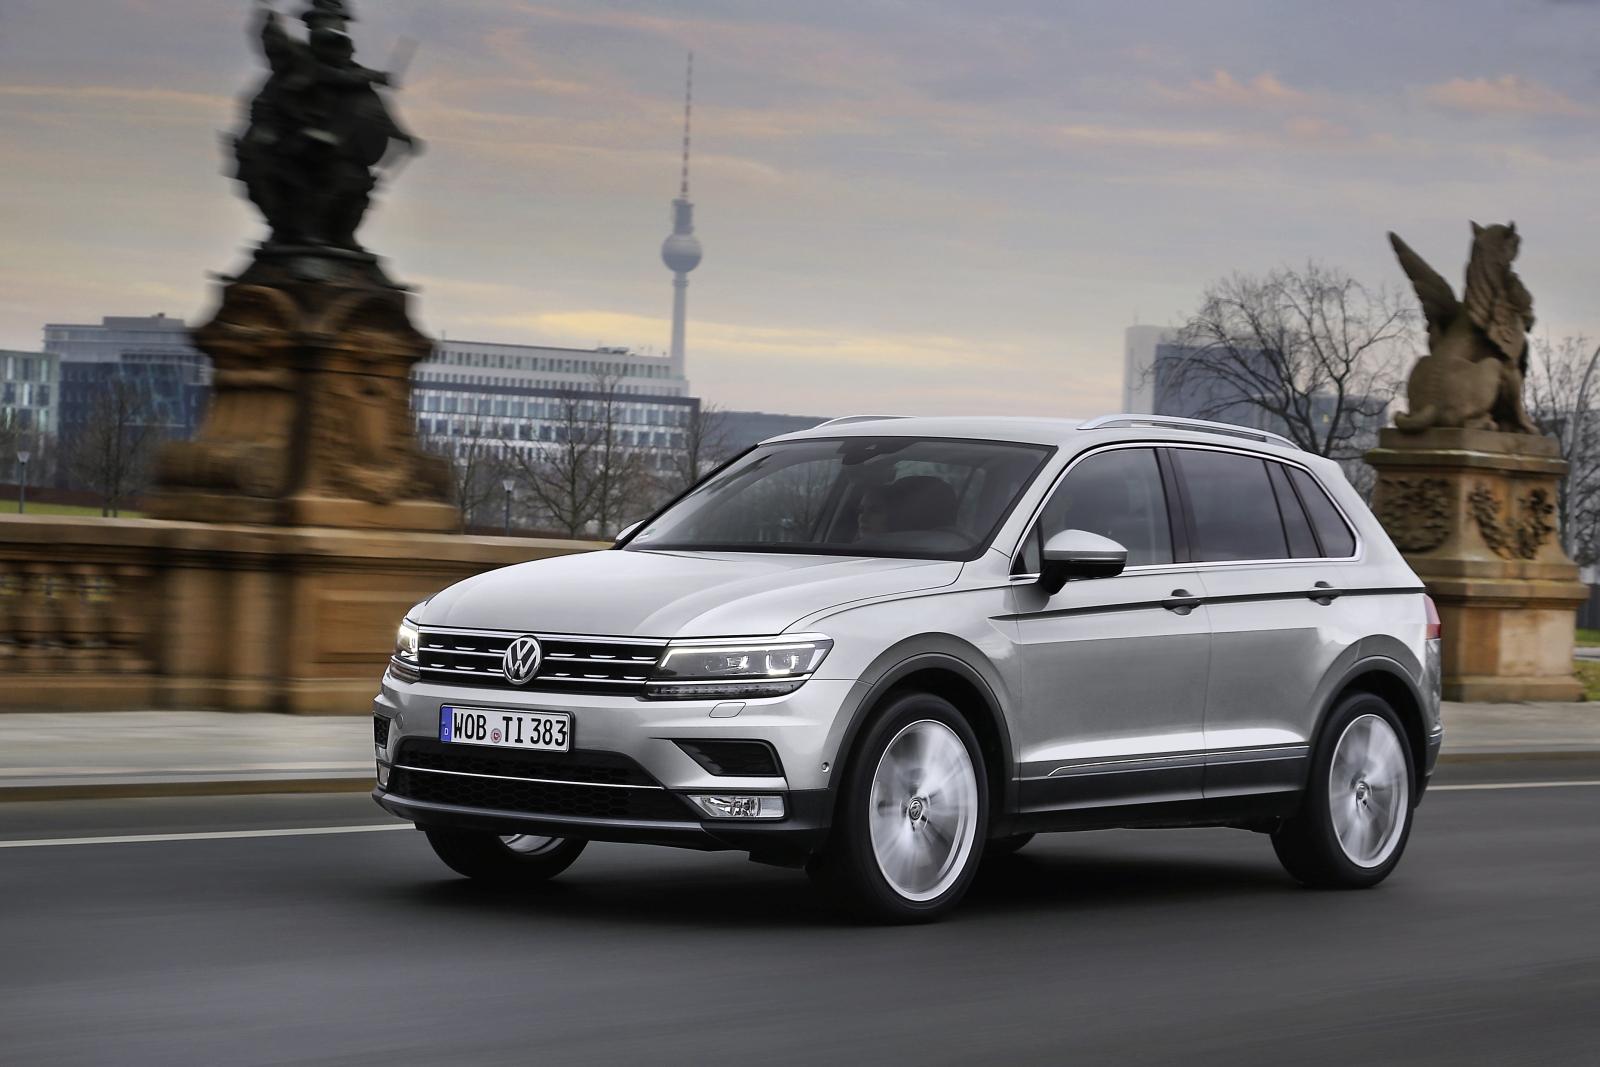 Volkswagen Tiguan India Launch In May 2017? | Motoroids